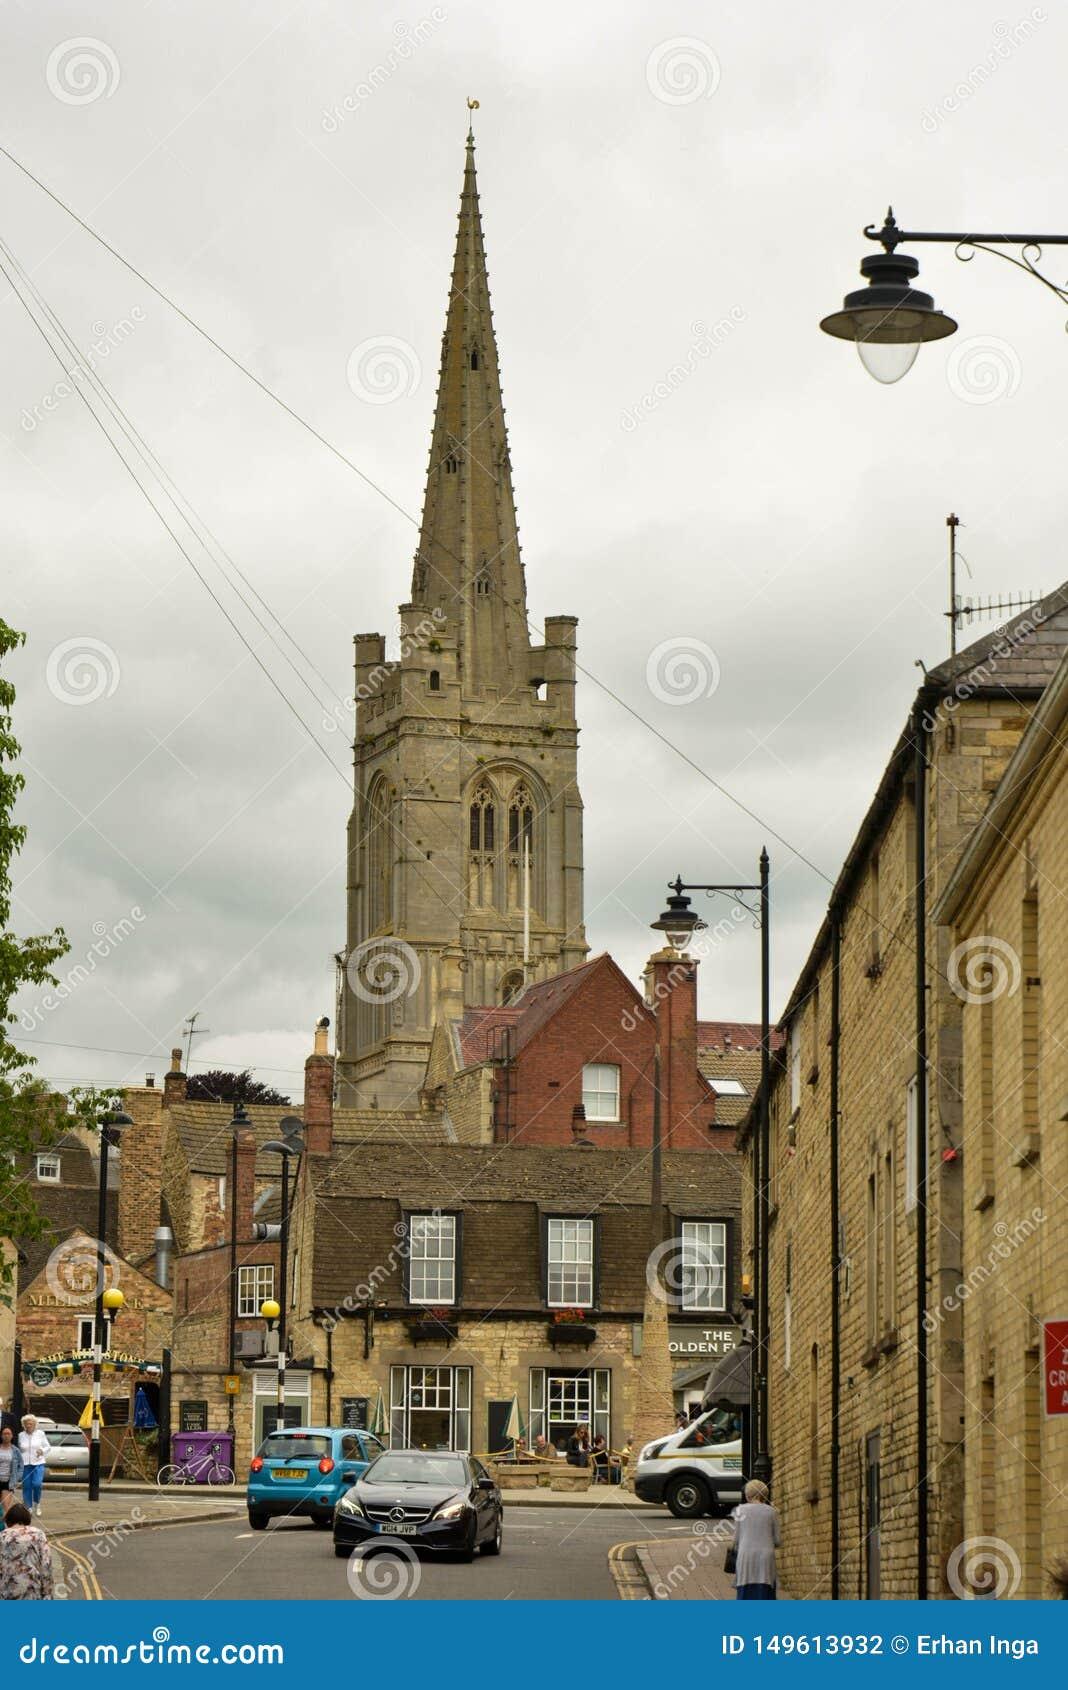 STAMFORD, VEREINIGTES KÖNIGREICH, am 31. Mai 2019 - Straße, die zu die Kirche der Heiligen Maria in Stamford, England führt